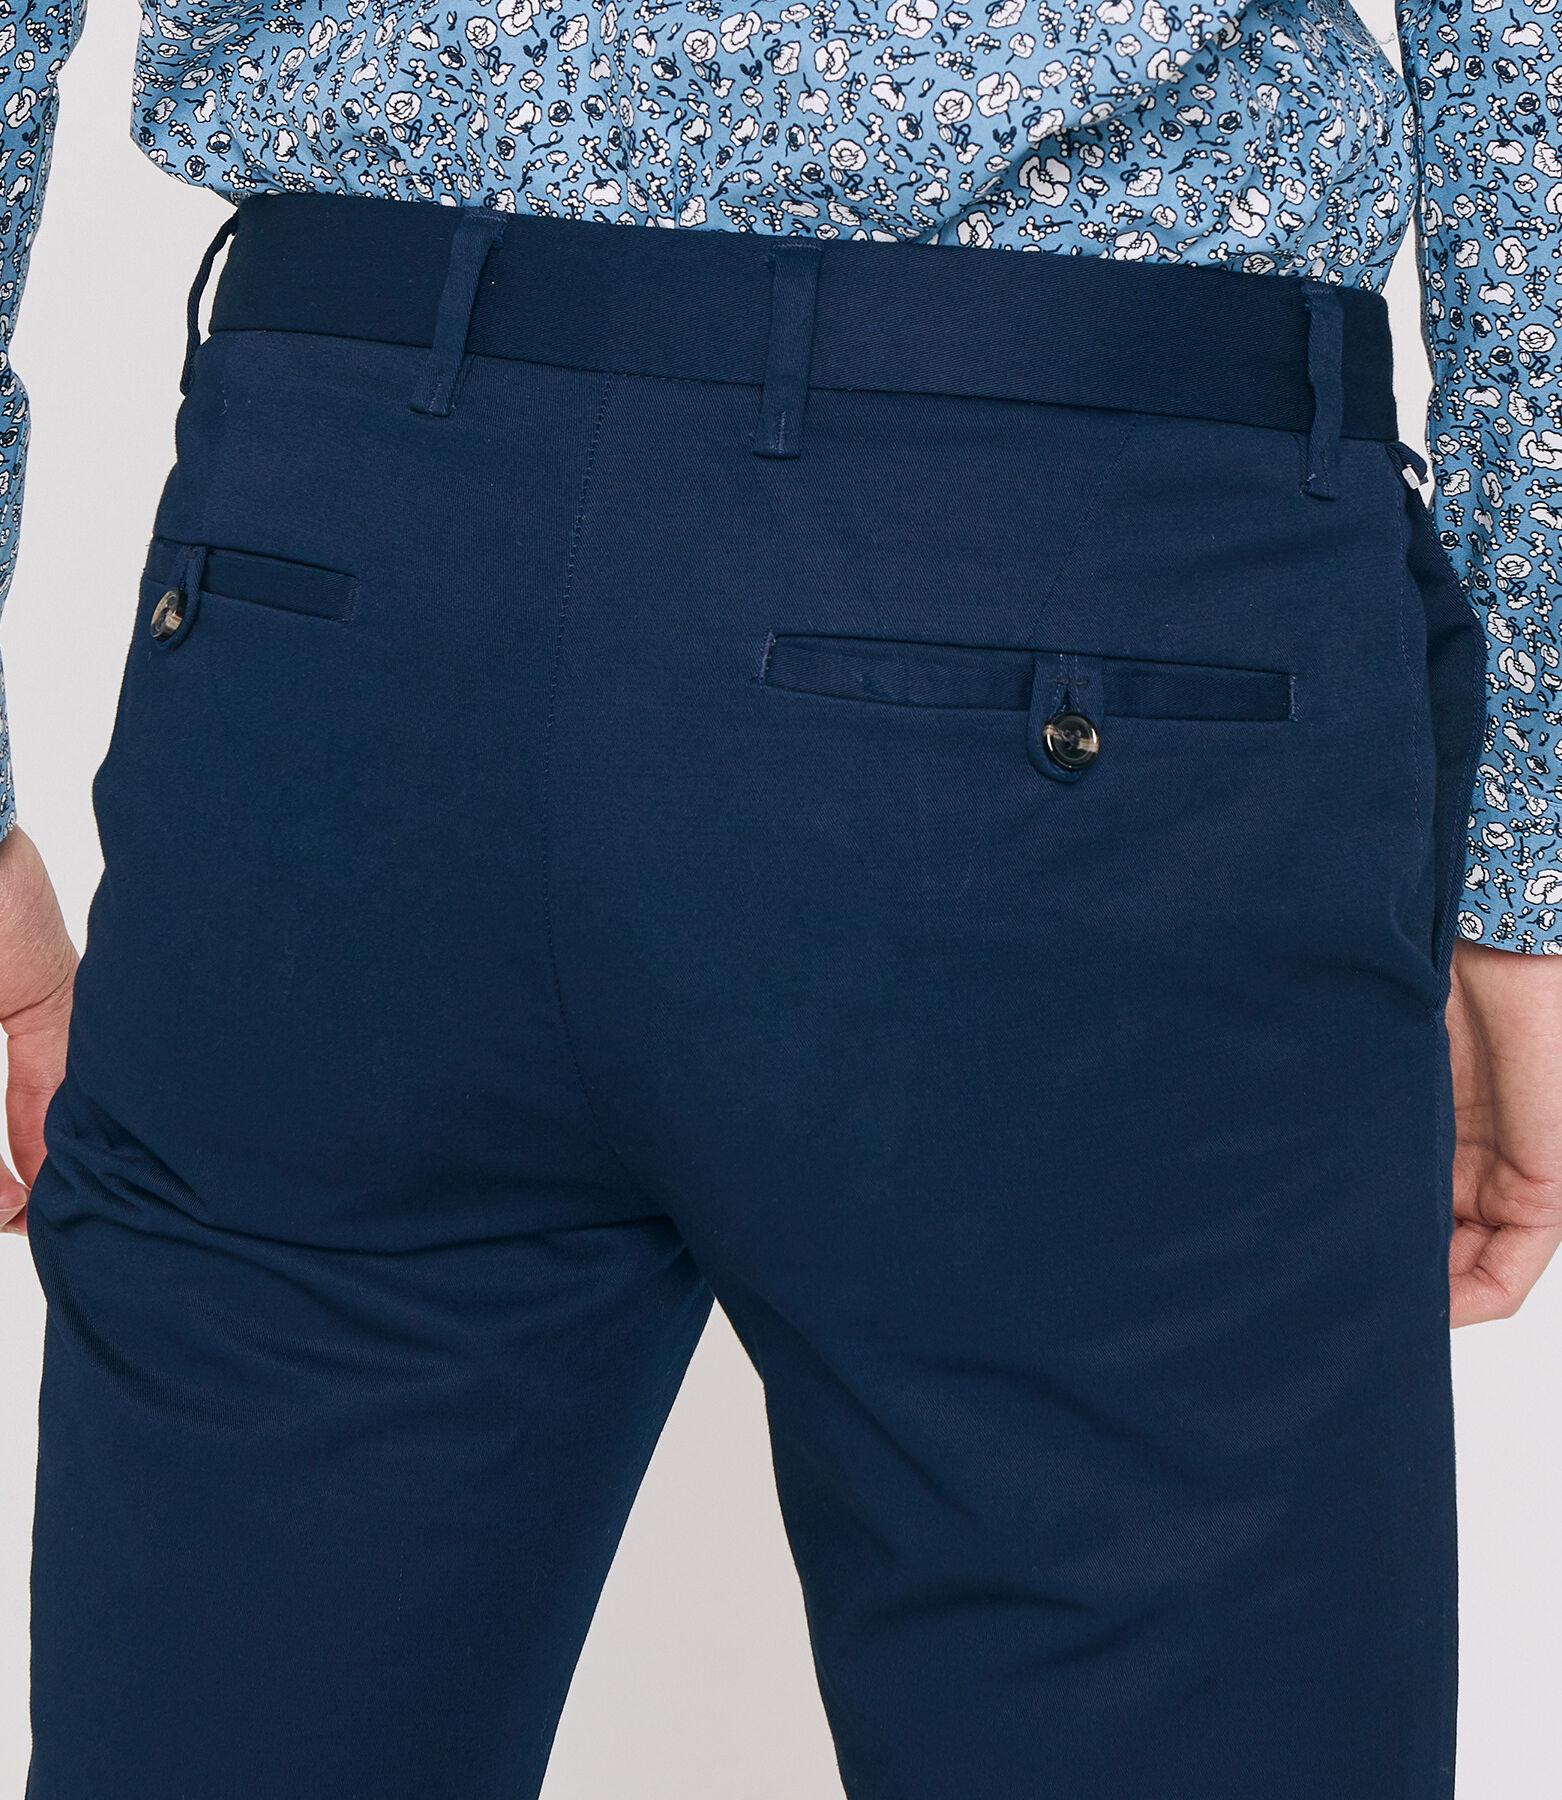 Pantalon Urbain Bleu Marine